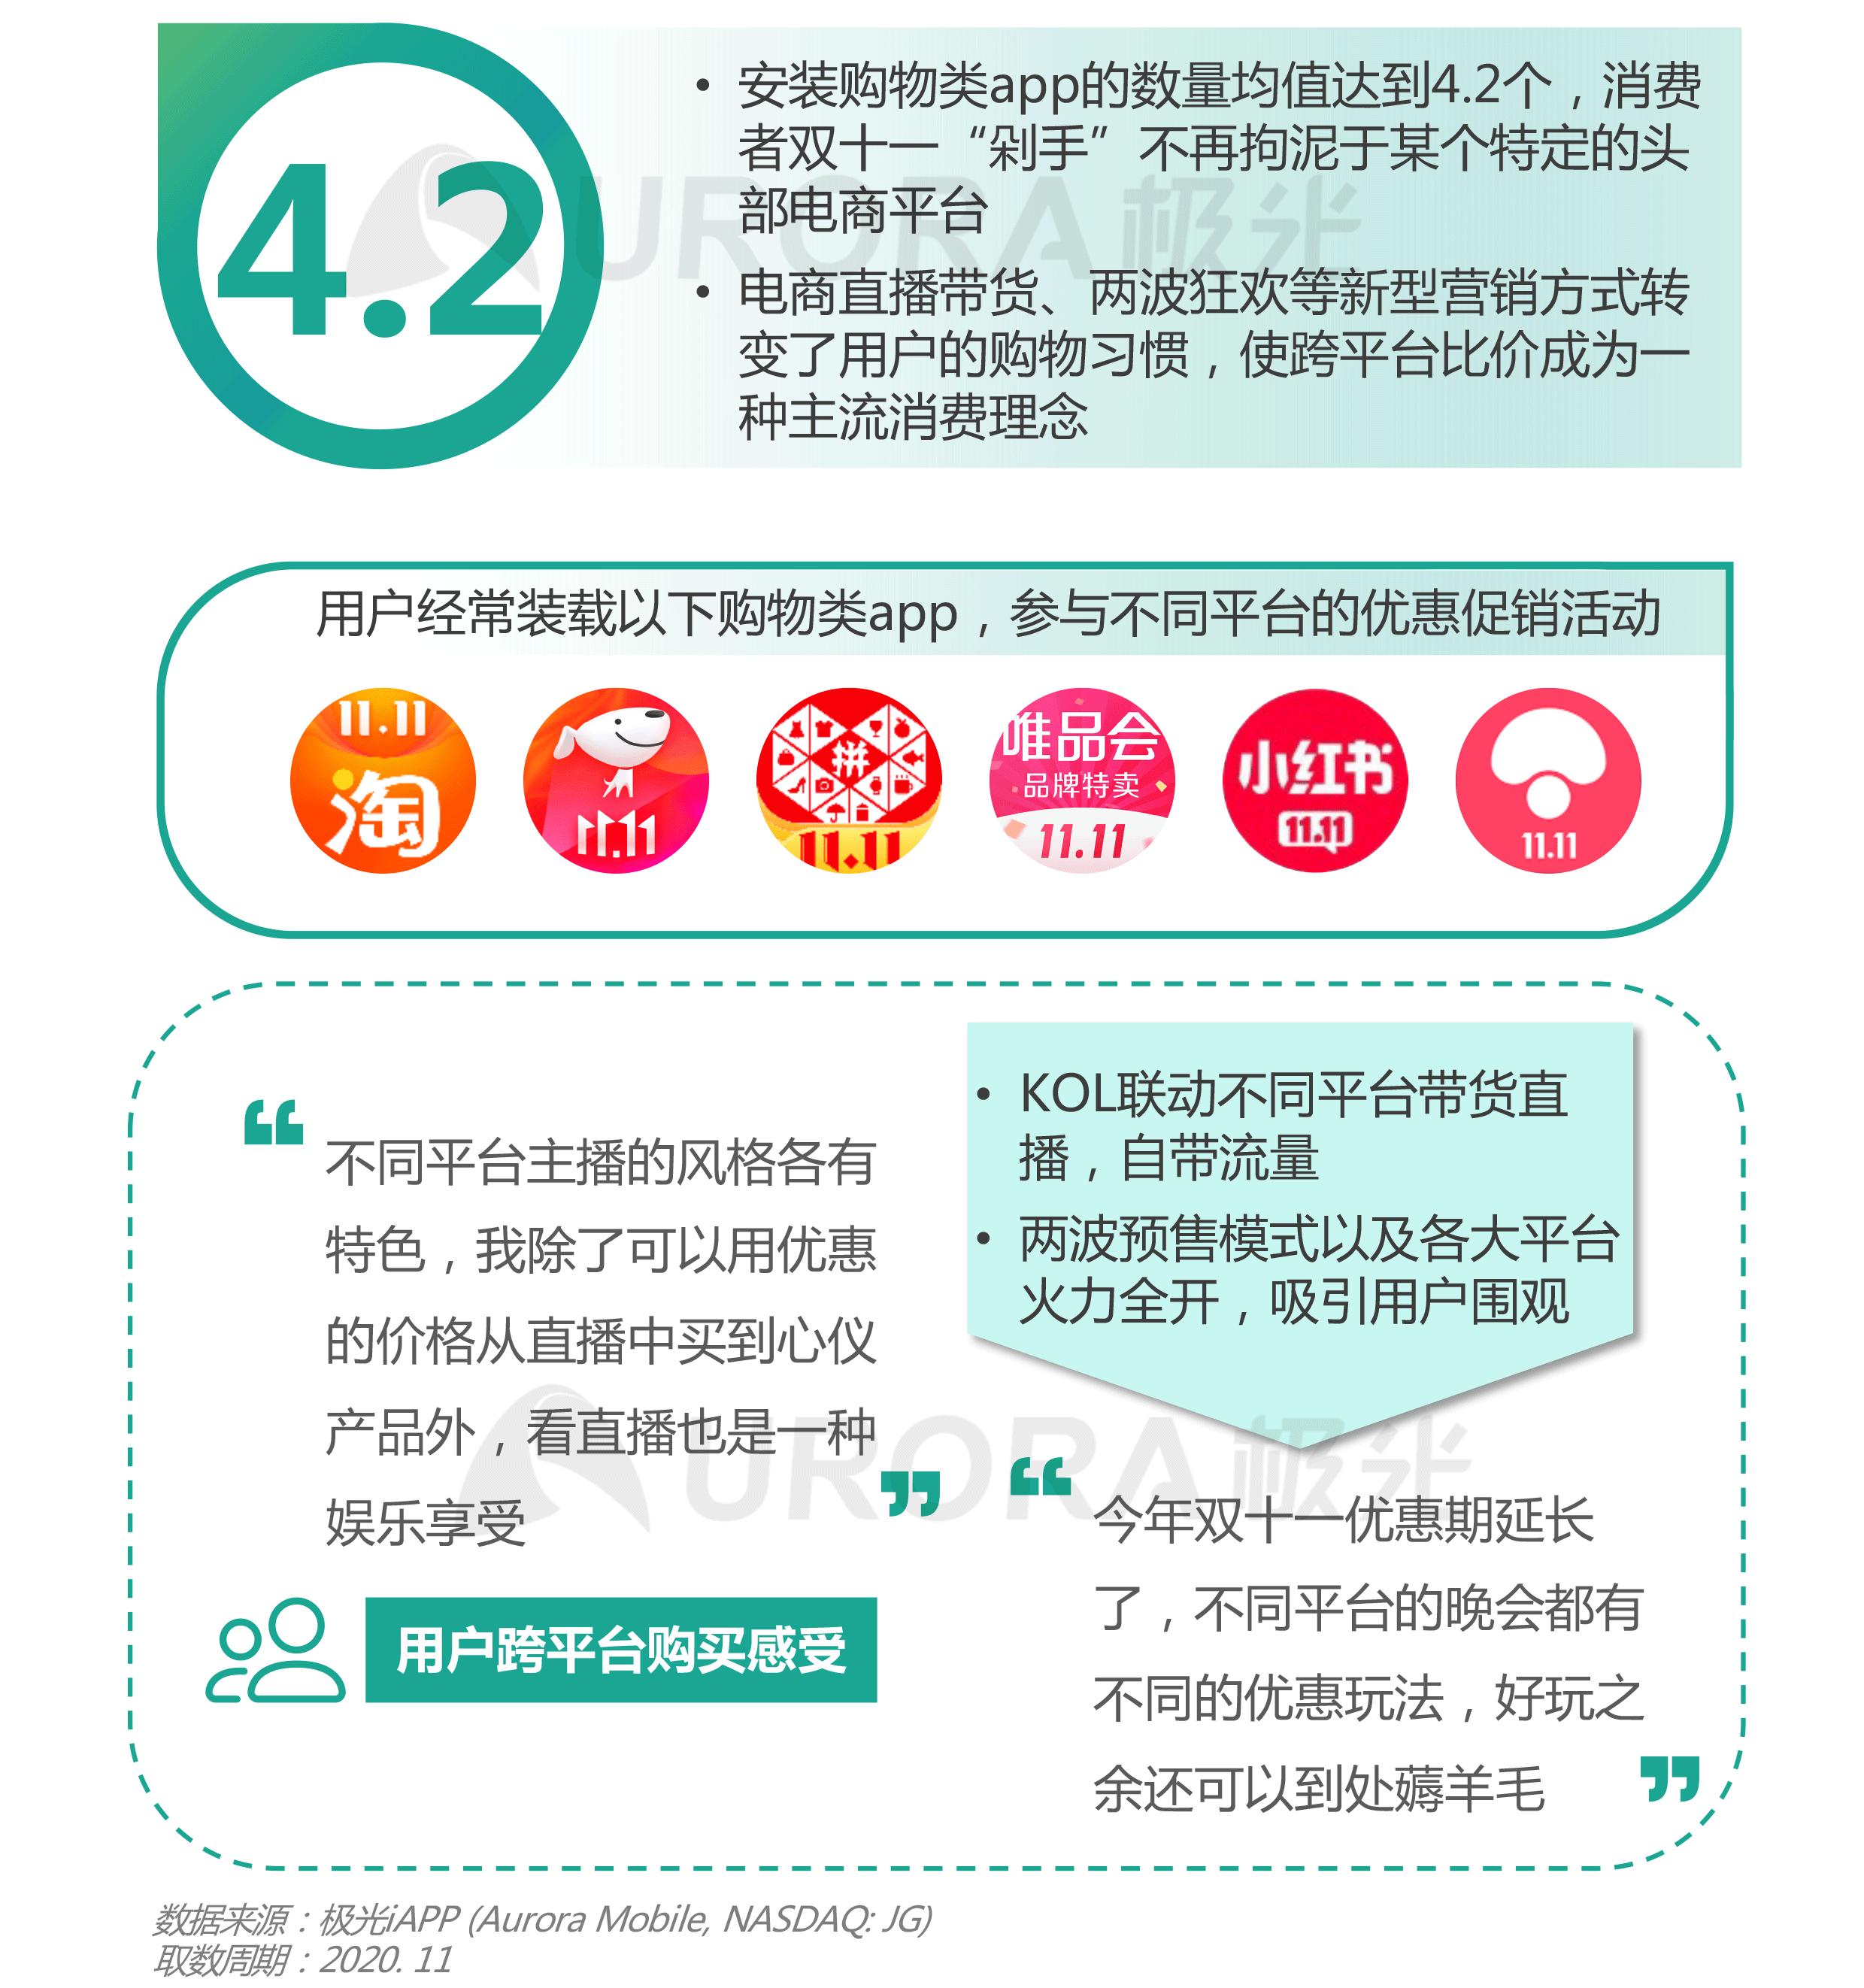 极光:双十一电商报告 (6).png